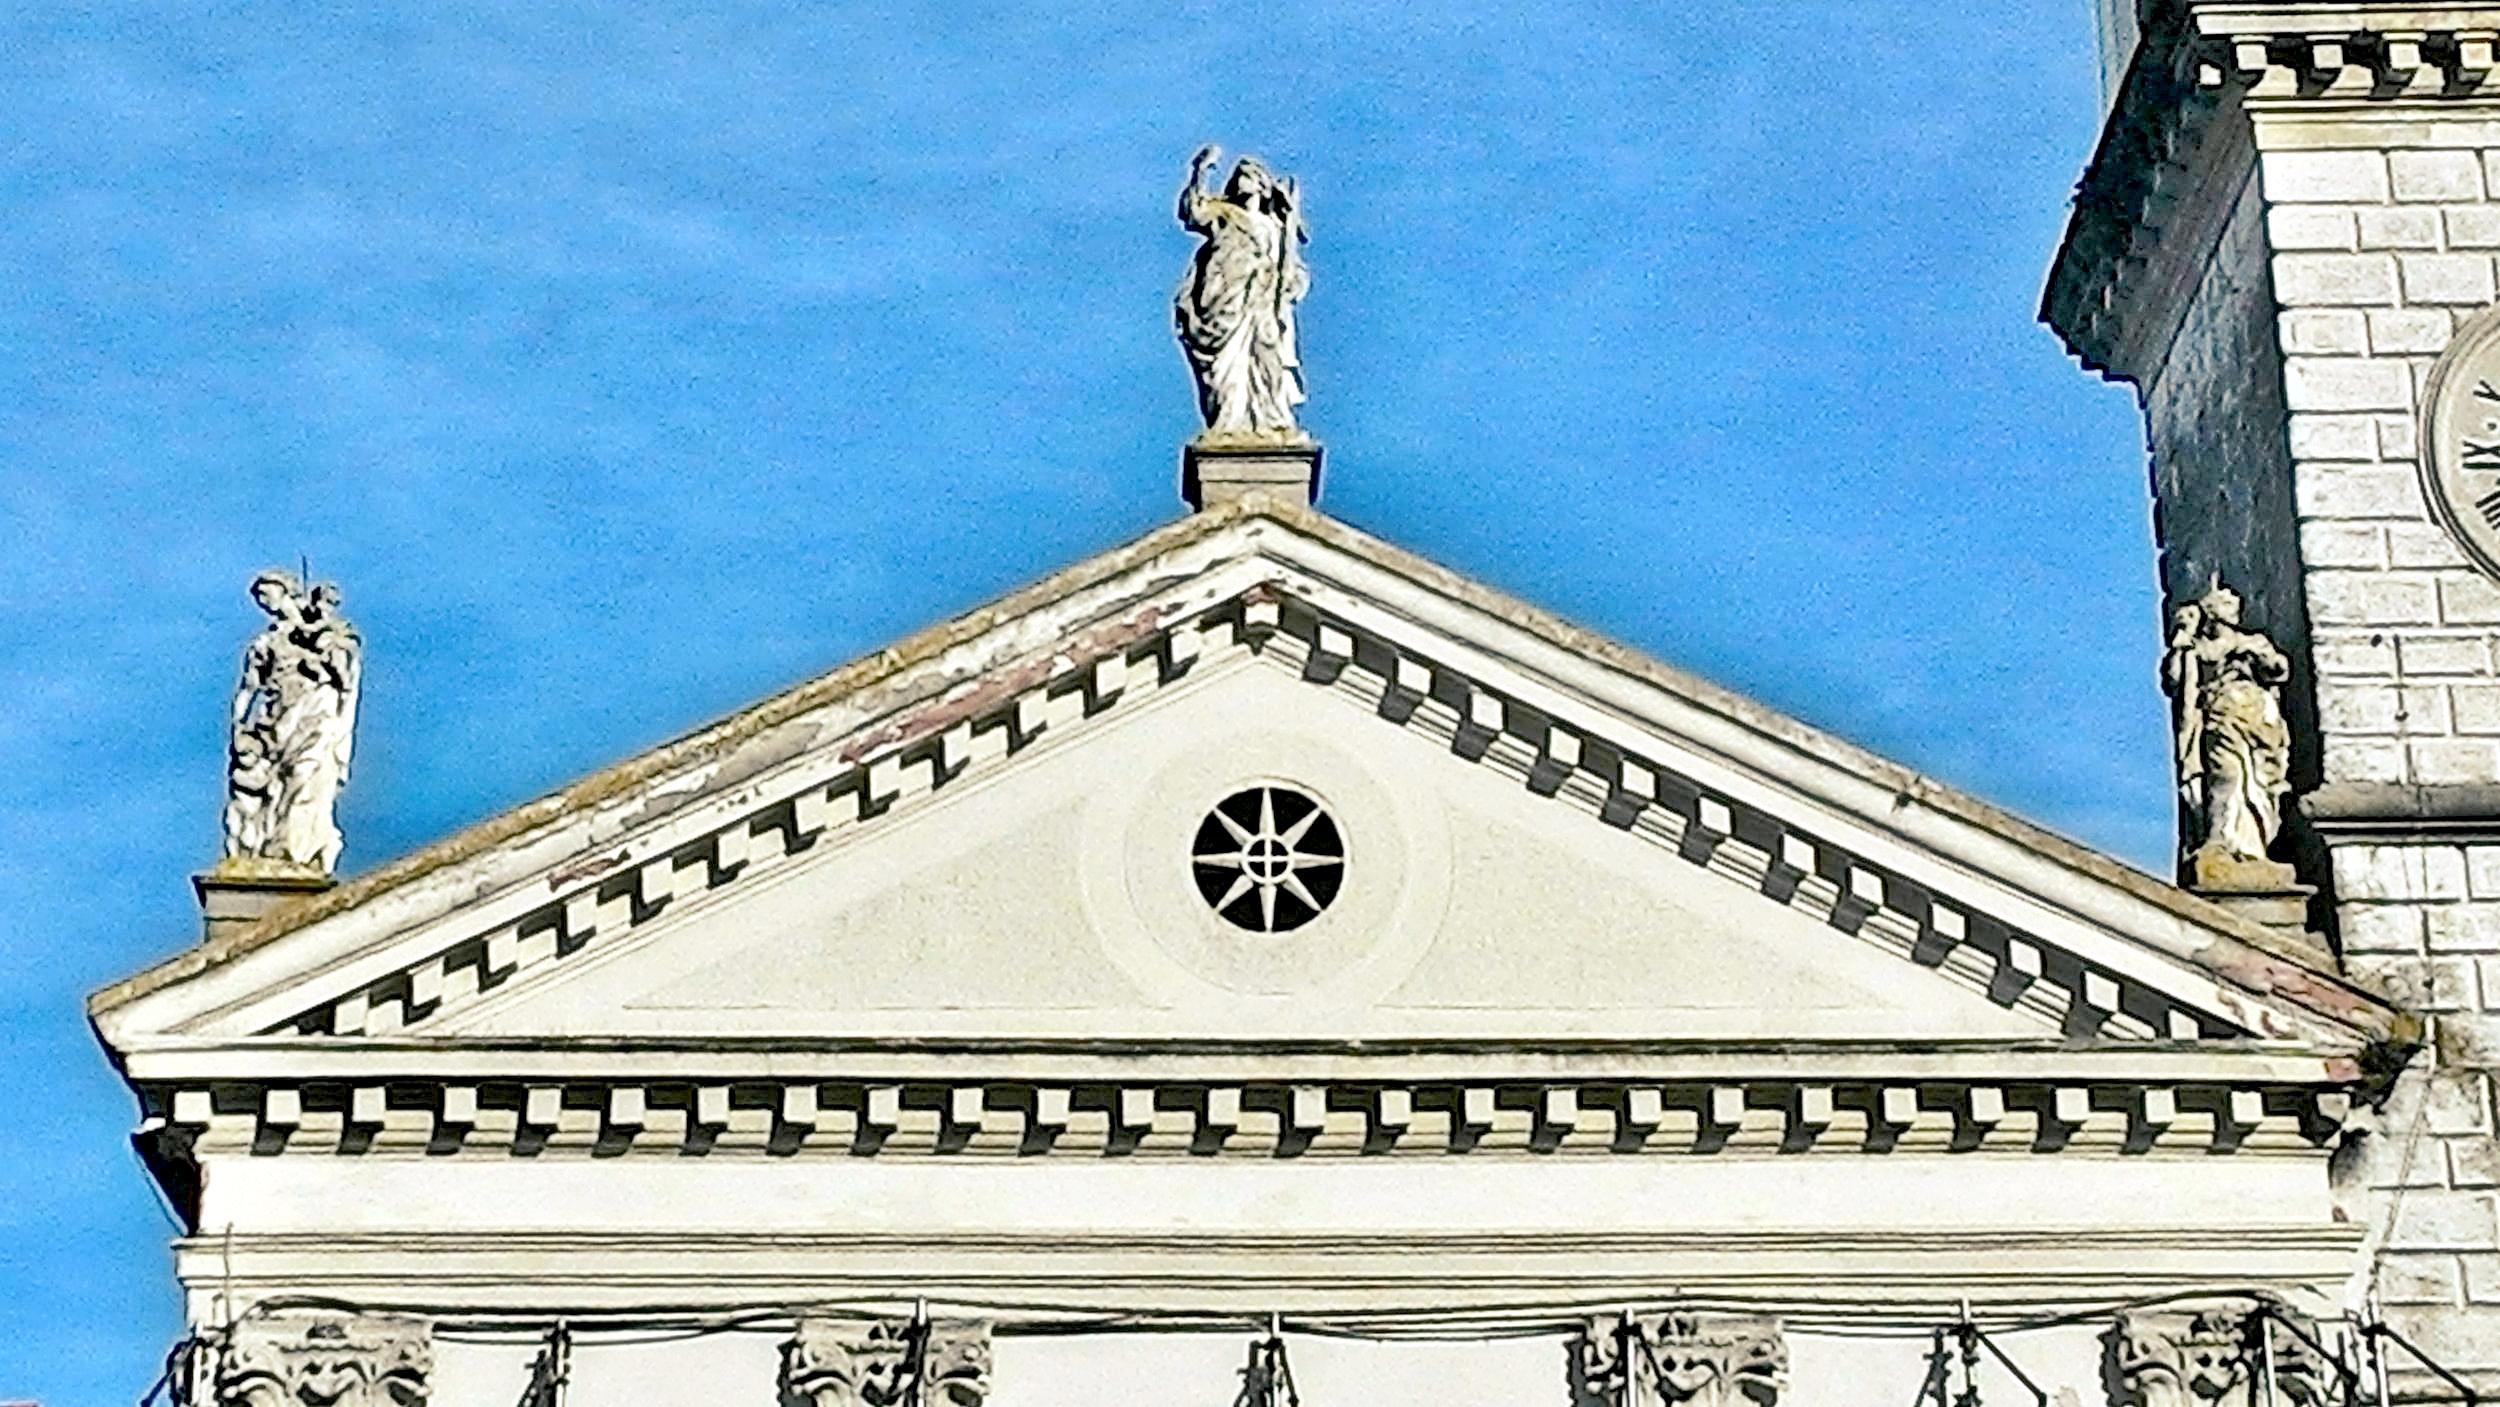 Facciata della vecchia chiesa di Battaglia Terme, il timpano con le sculture che rappresentano le Virtù teologali.